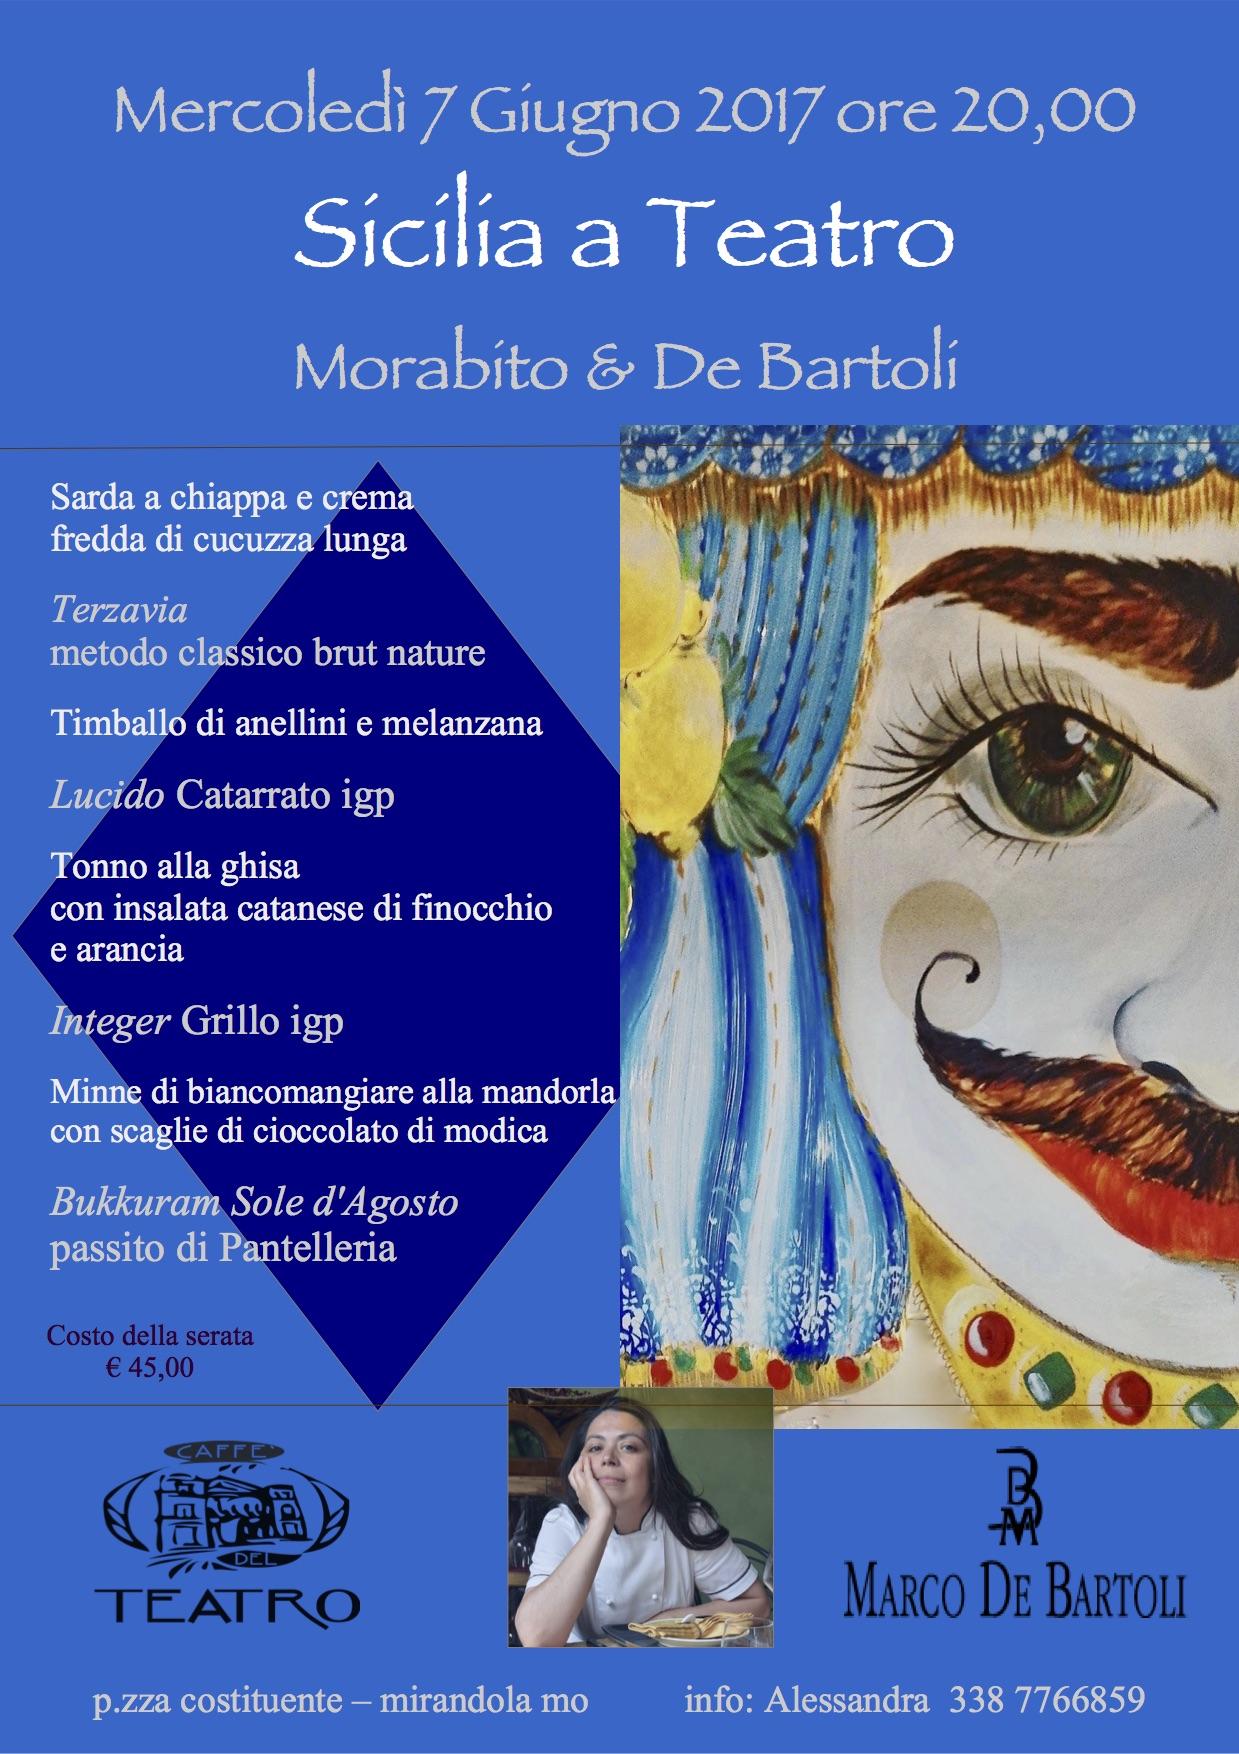 Sicilia a Teatro